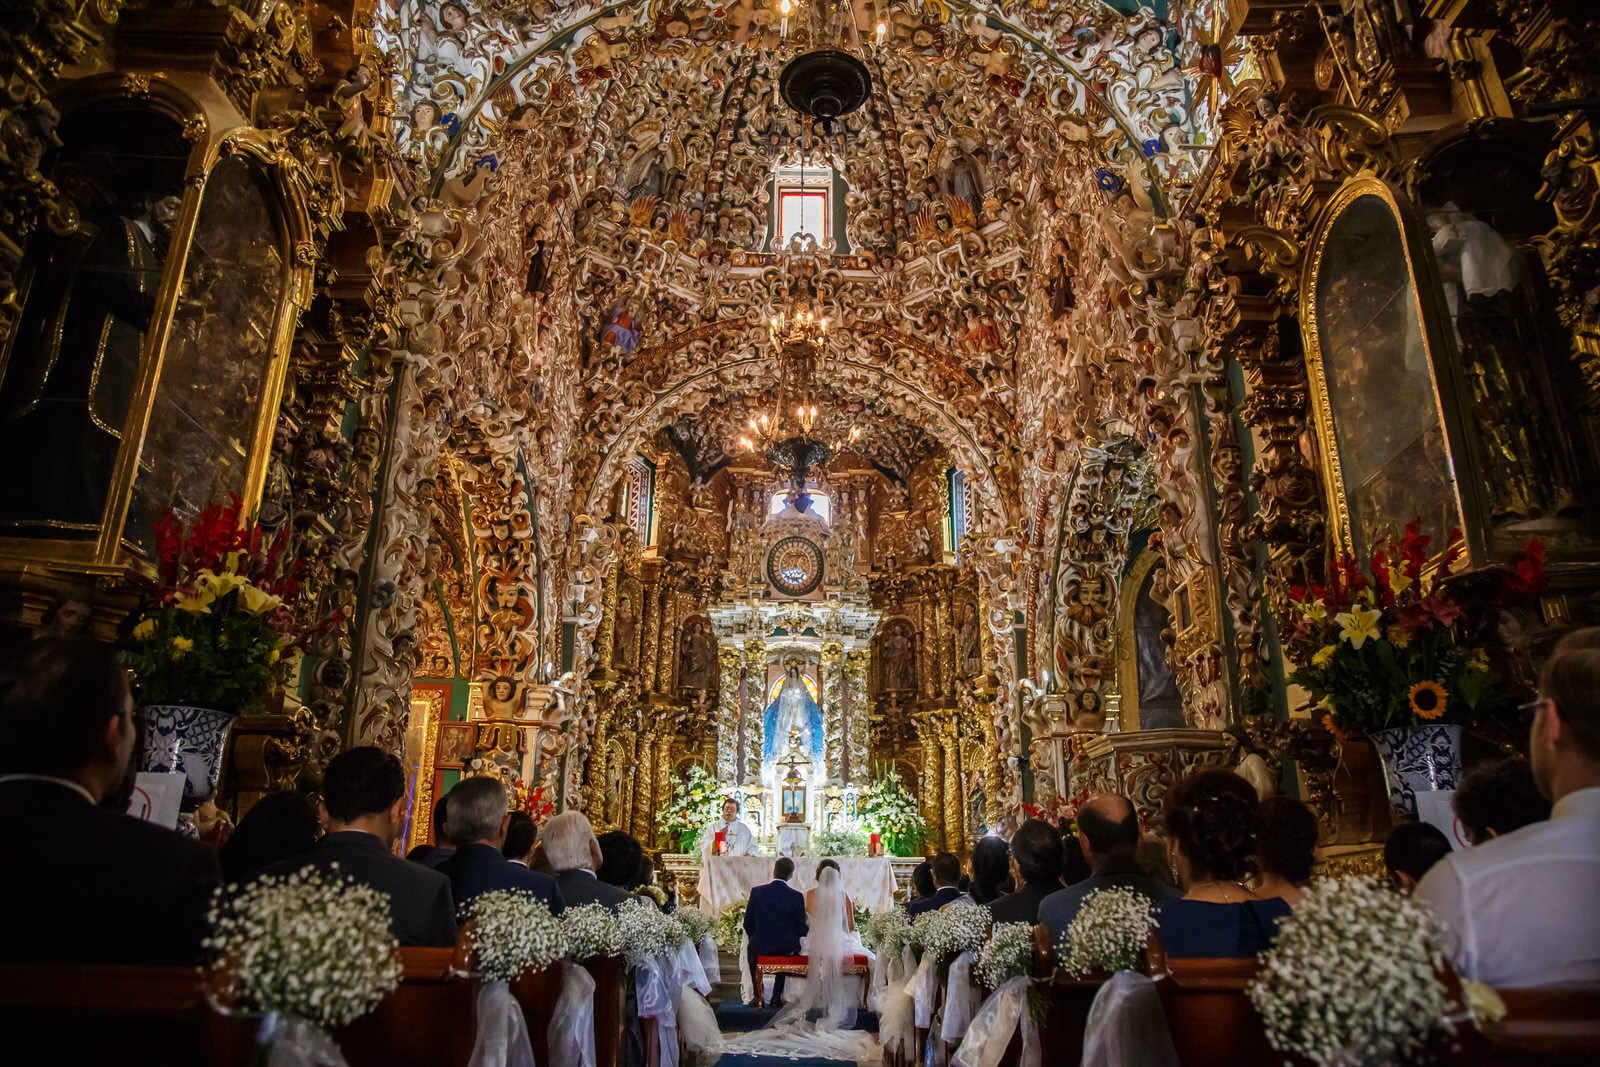 0235-asfoto-wedding-day-dia-de-boda-la-quinta-san-jose-tonanzintla-wedding-planner-covab-top-event-vergara-milan-belinda-pastor-zap-producciones.JPG